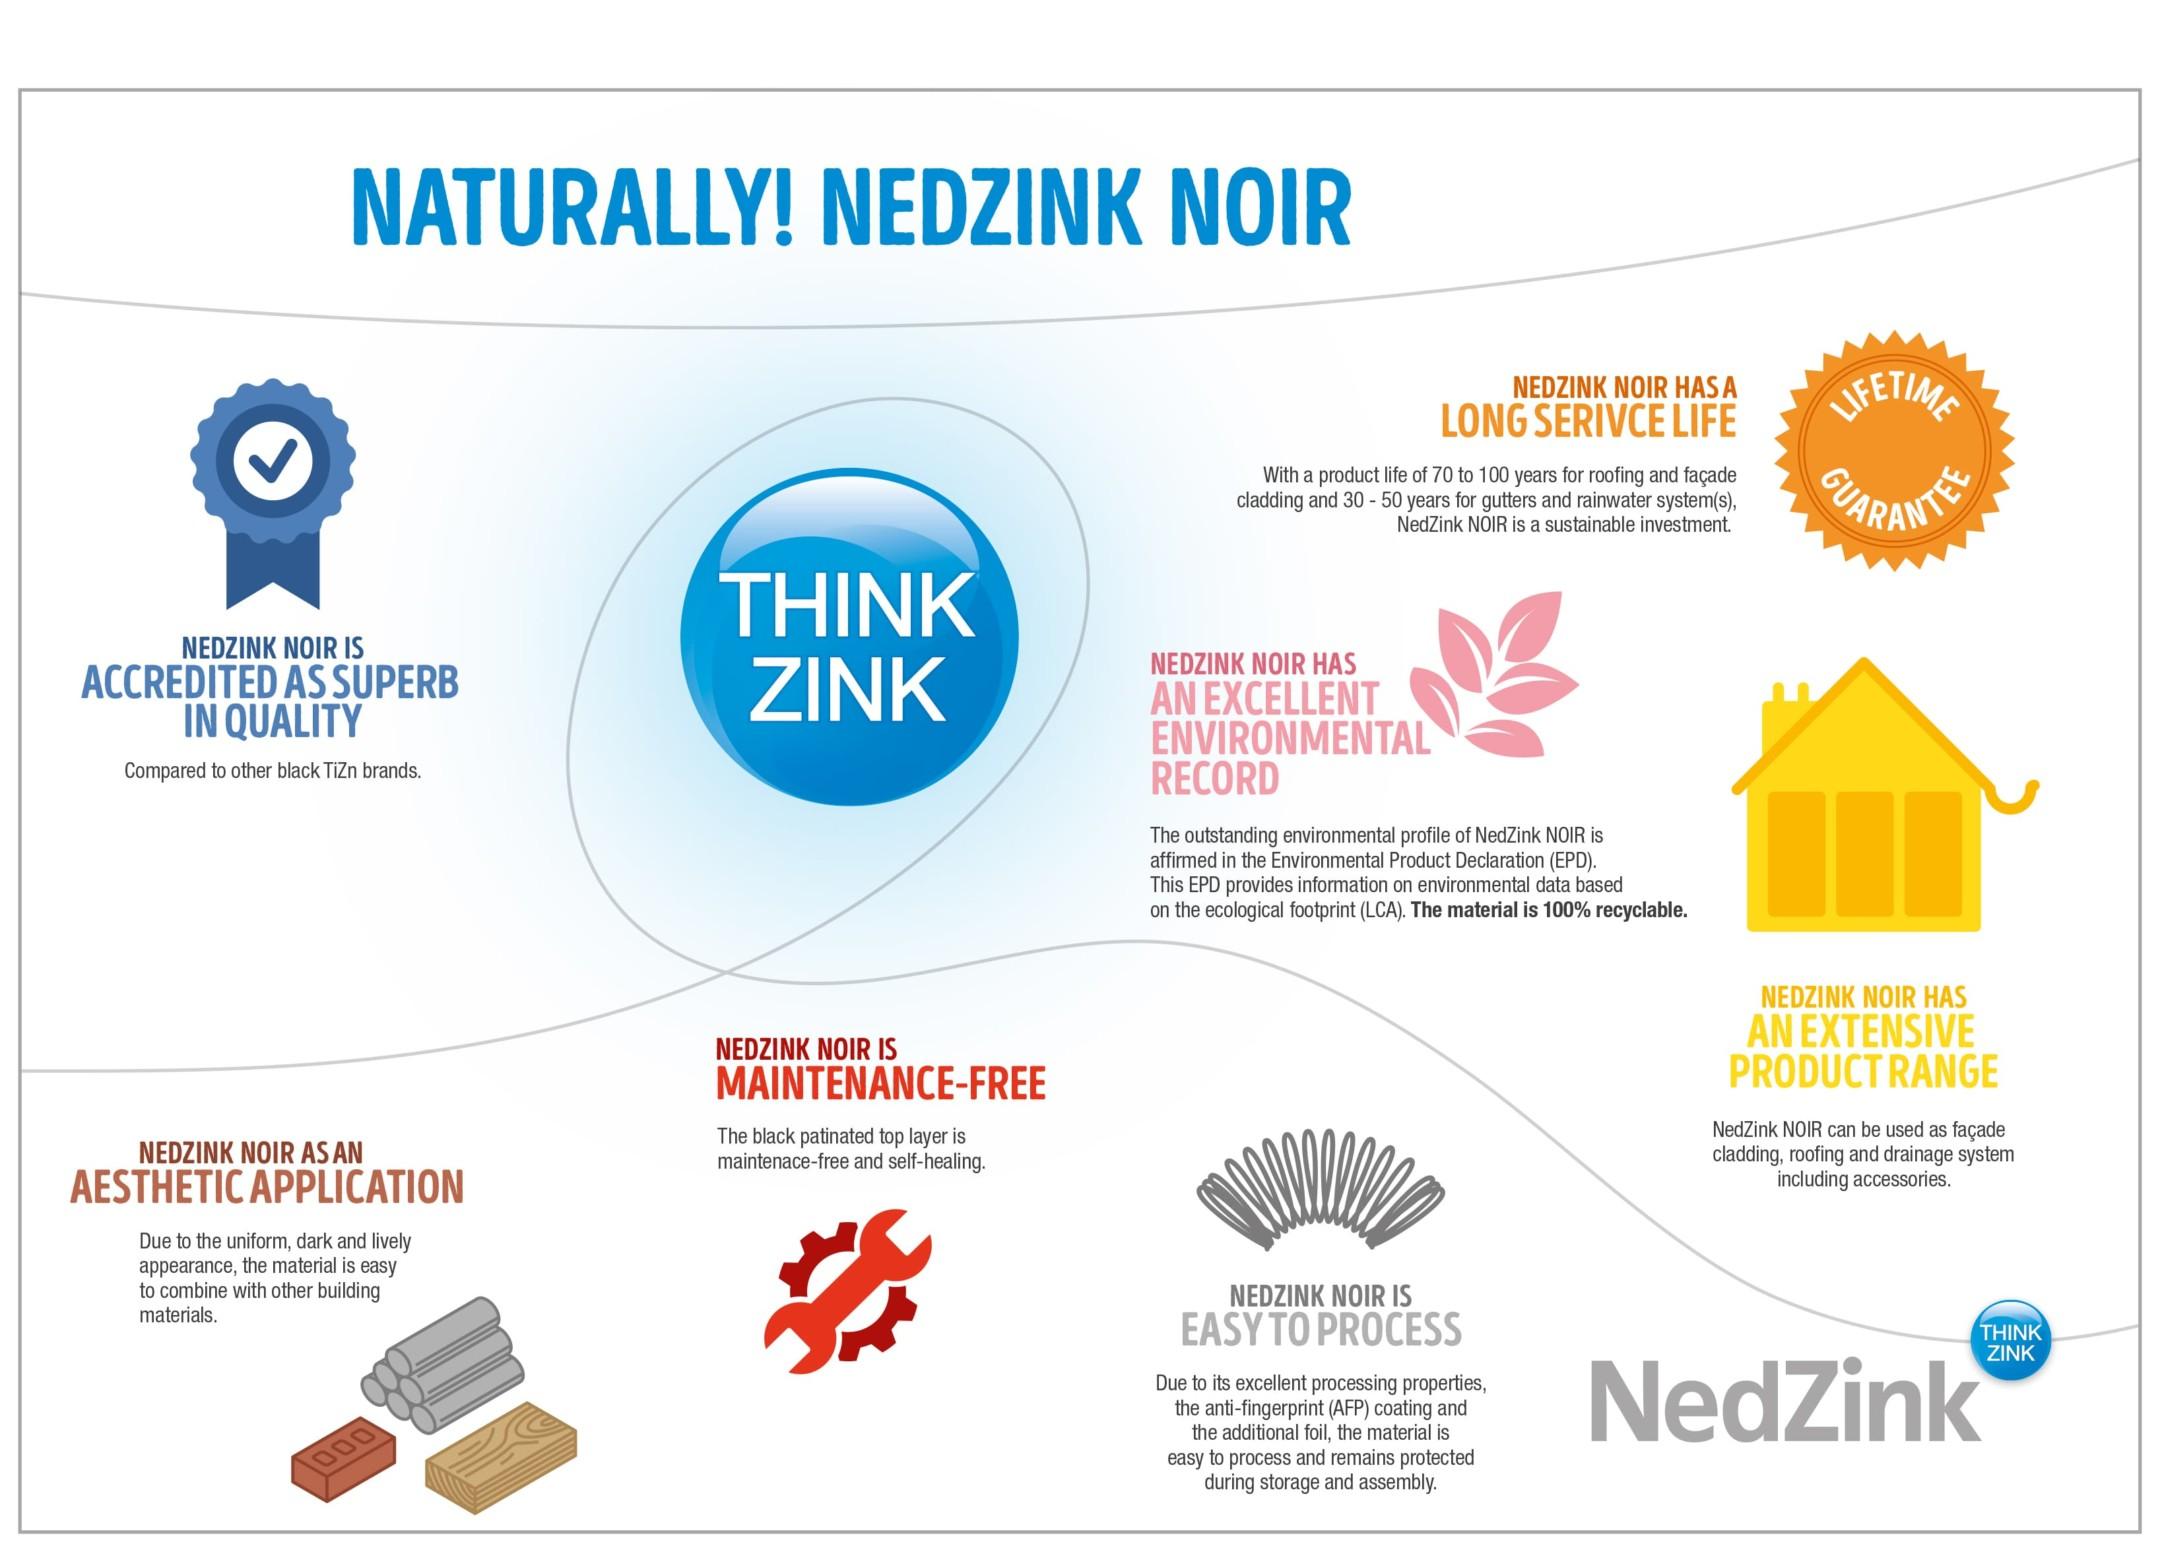 29432-nz-infographic-nedzink-noir-en-wo-garanty-min